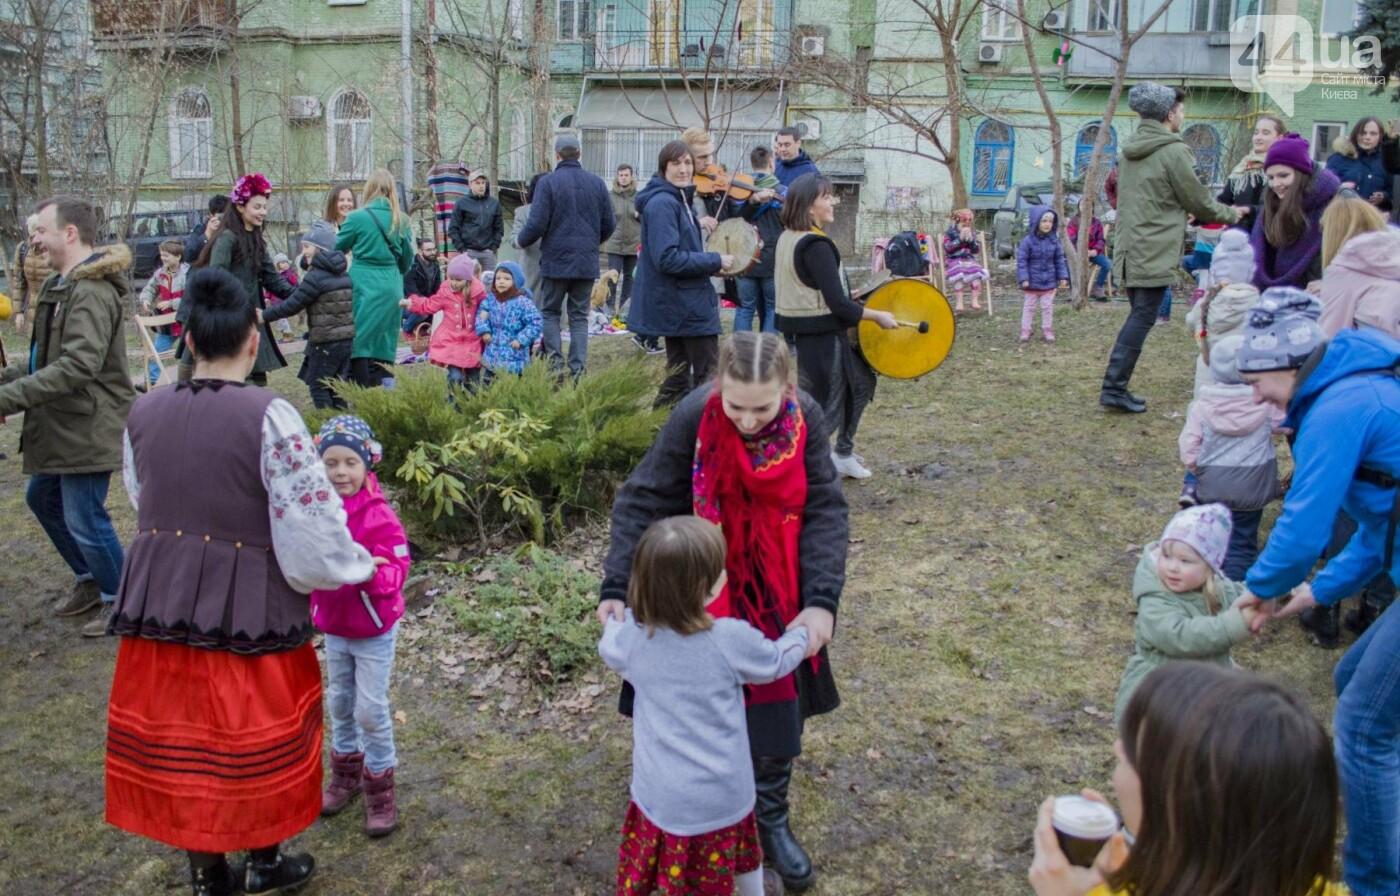 Бумажные птицы, танцы и вкусности: как в Киеве отметили праздник весны  , фото-6